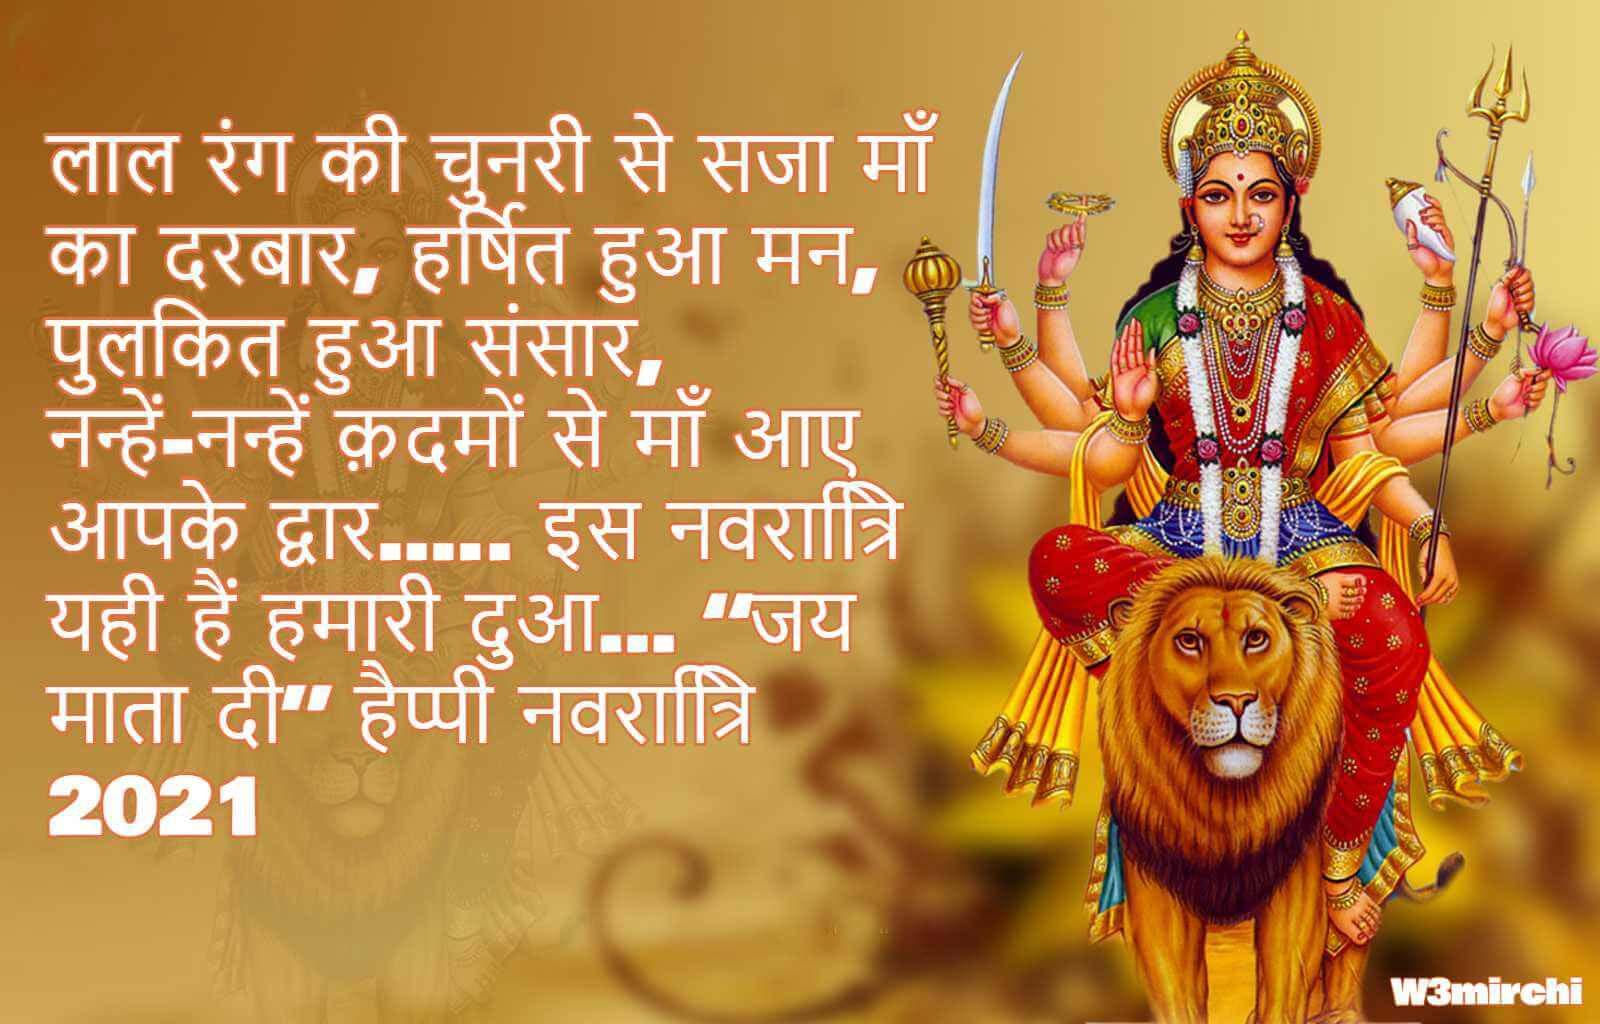 """लाल रंग की चुनरी से सजा माँ का दरबार,  """"जय माता दी"""" हैप्पी नवरात्रि"""